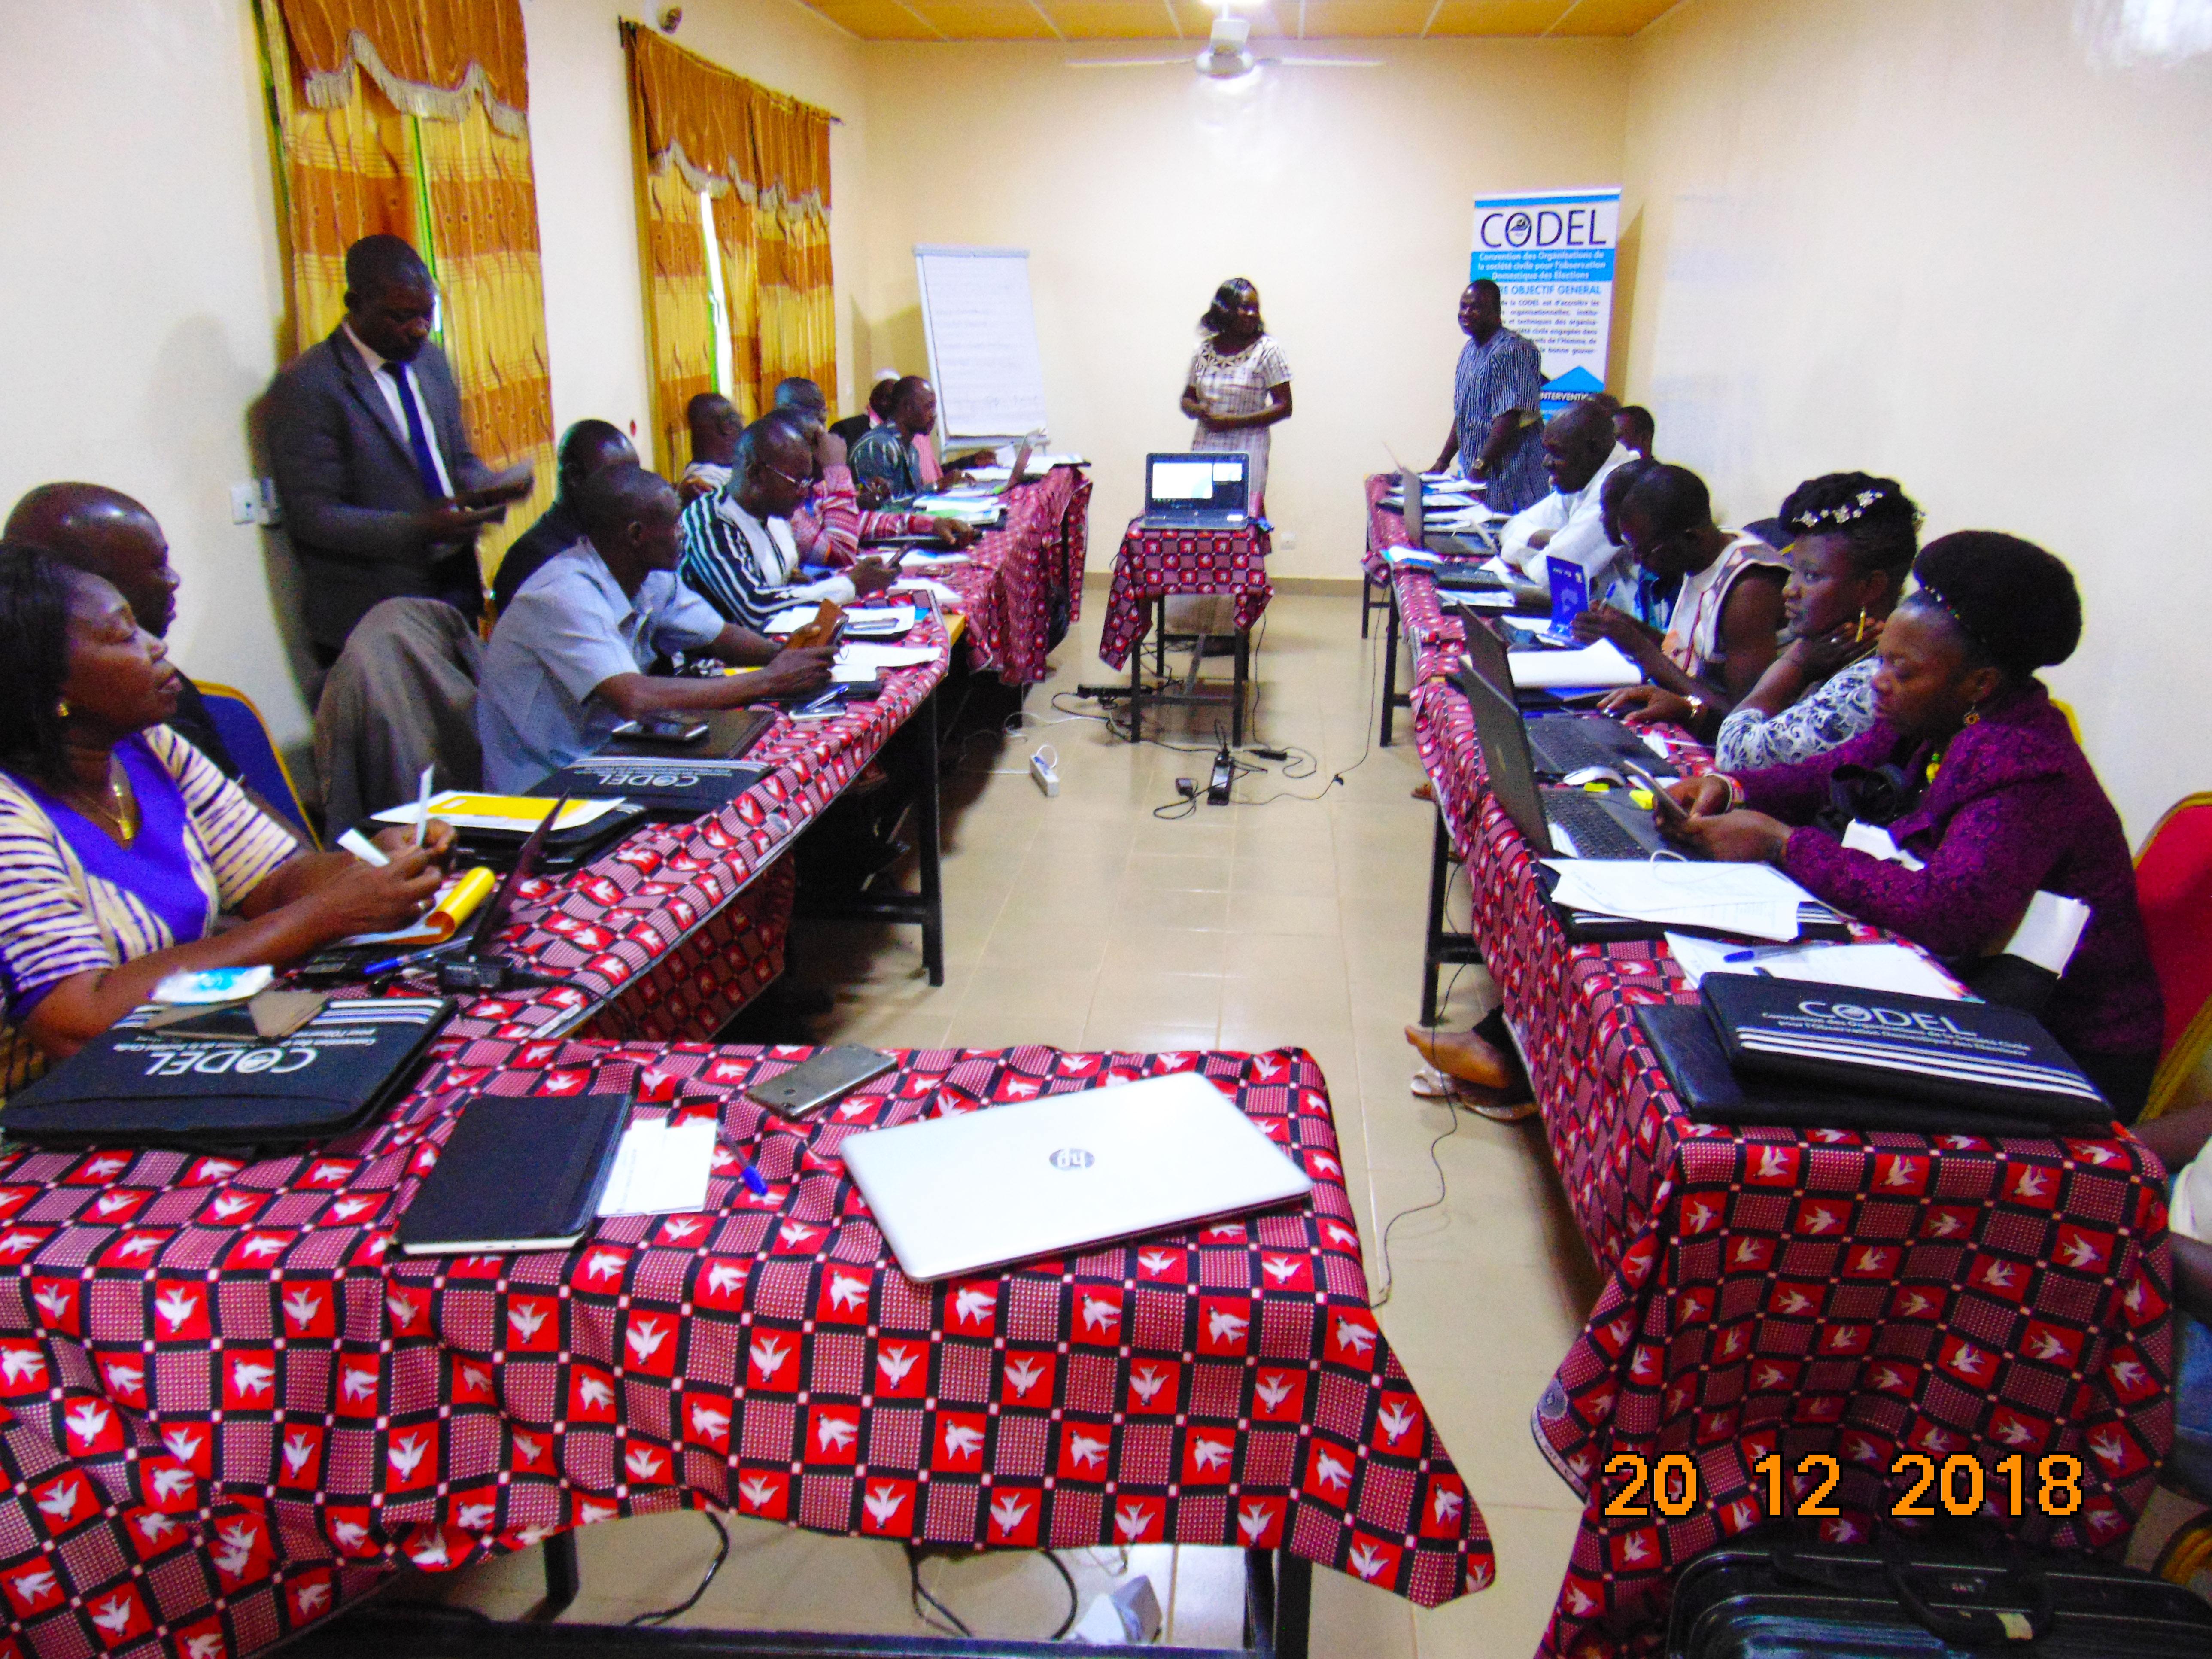 Contrôle Citoyen de l'action publique : La CODEL forme ses relais provinciaux sur le programme présimètre.